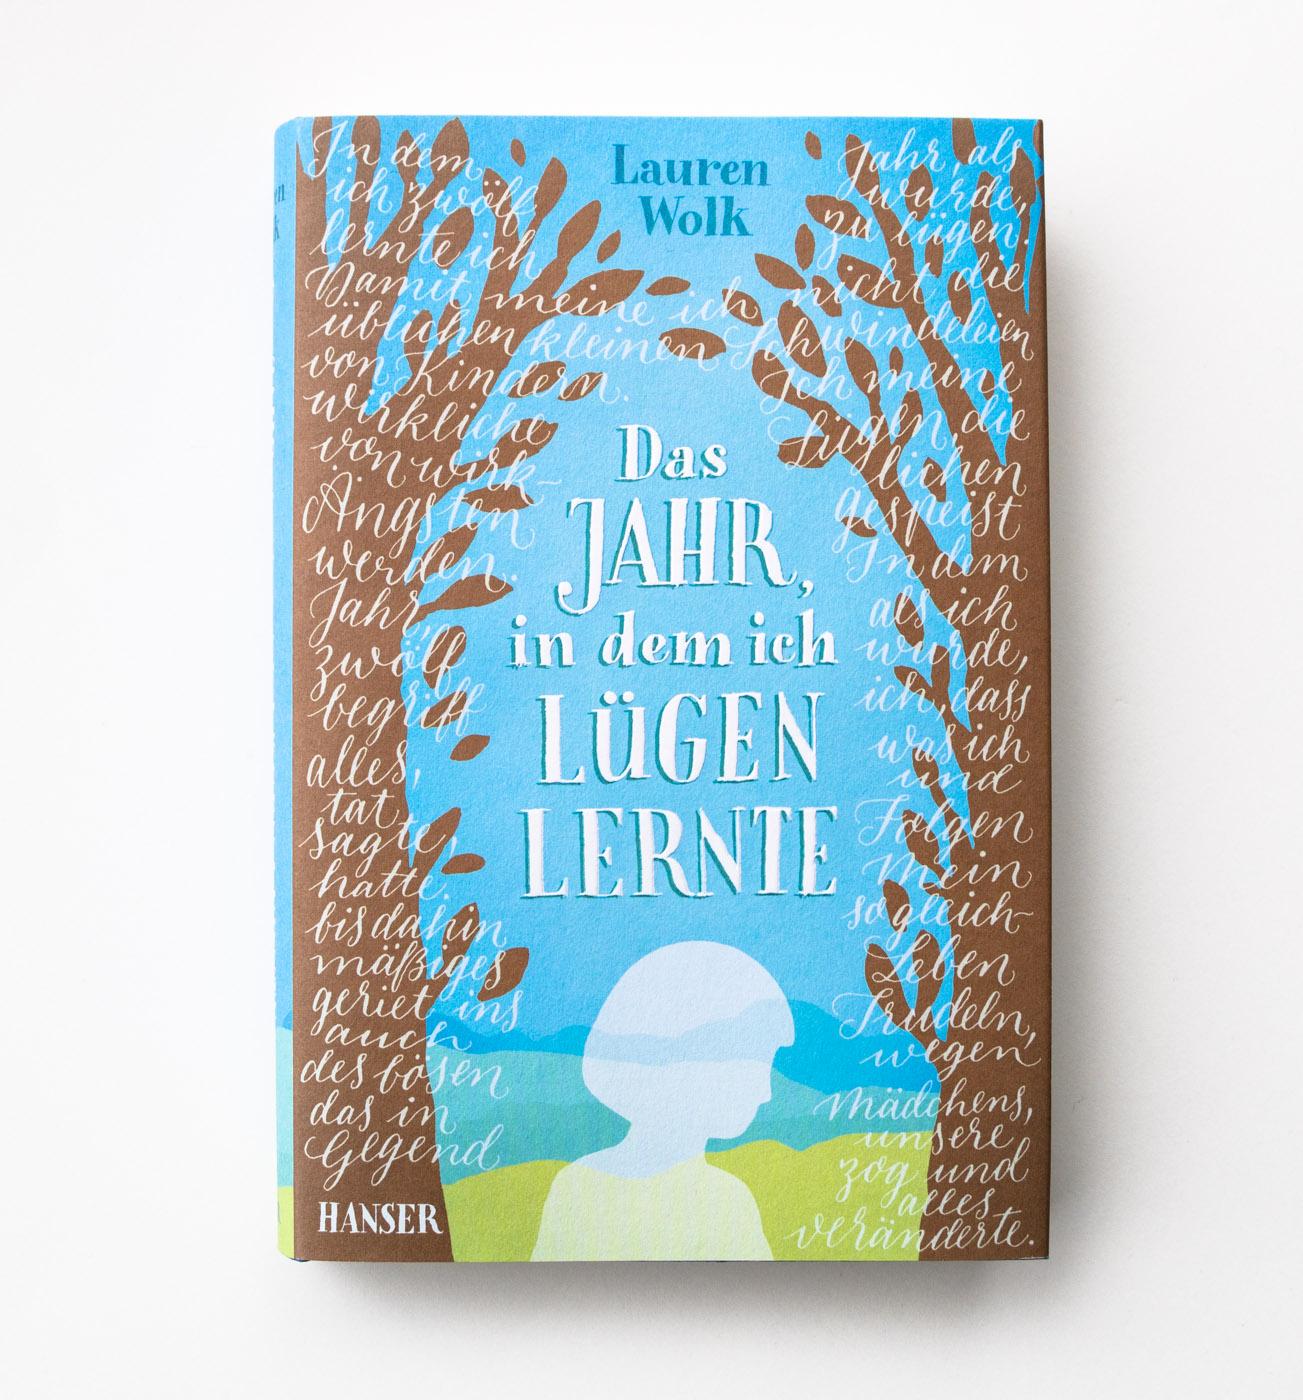 Buchumschlag mit Handlettering für den Hanser Verlag